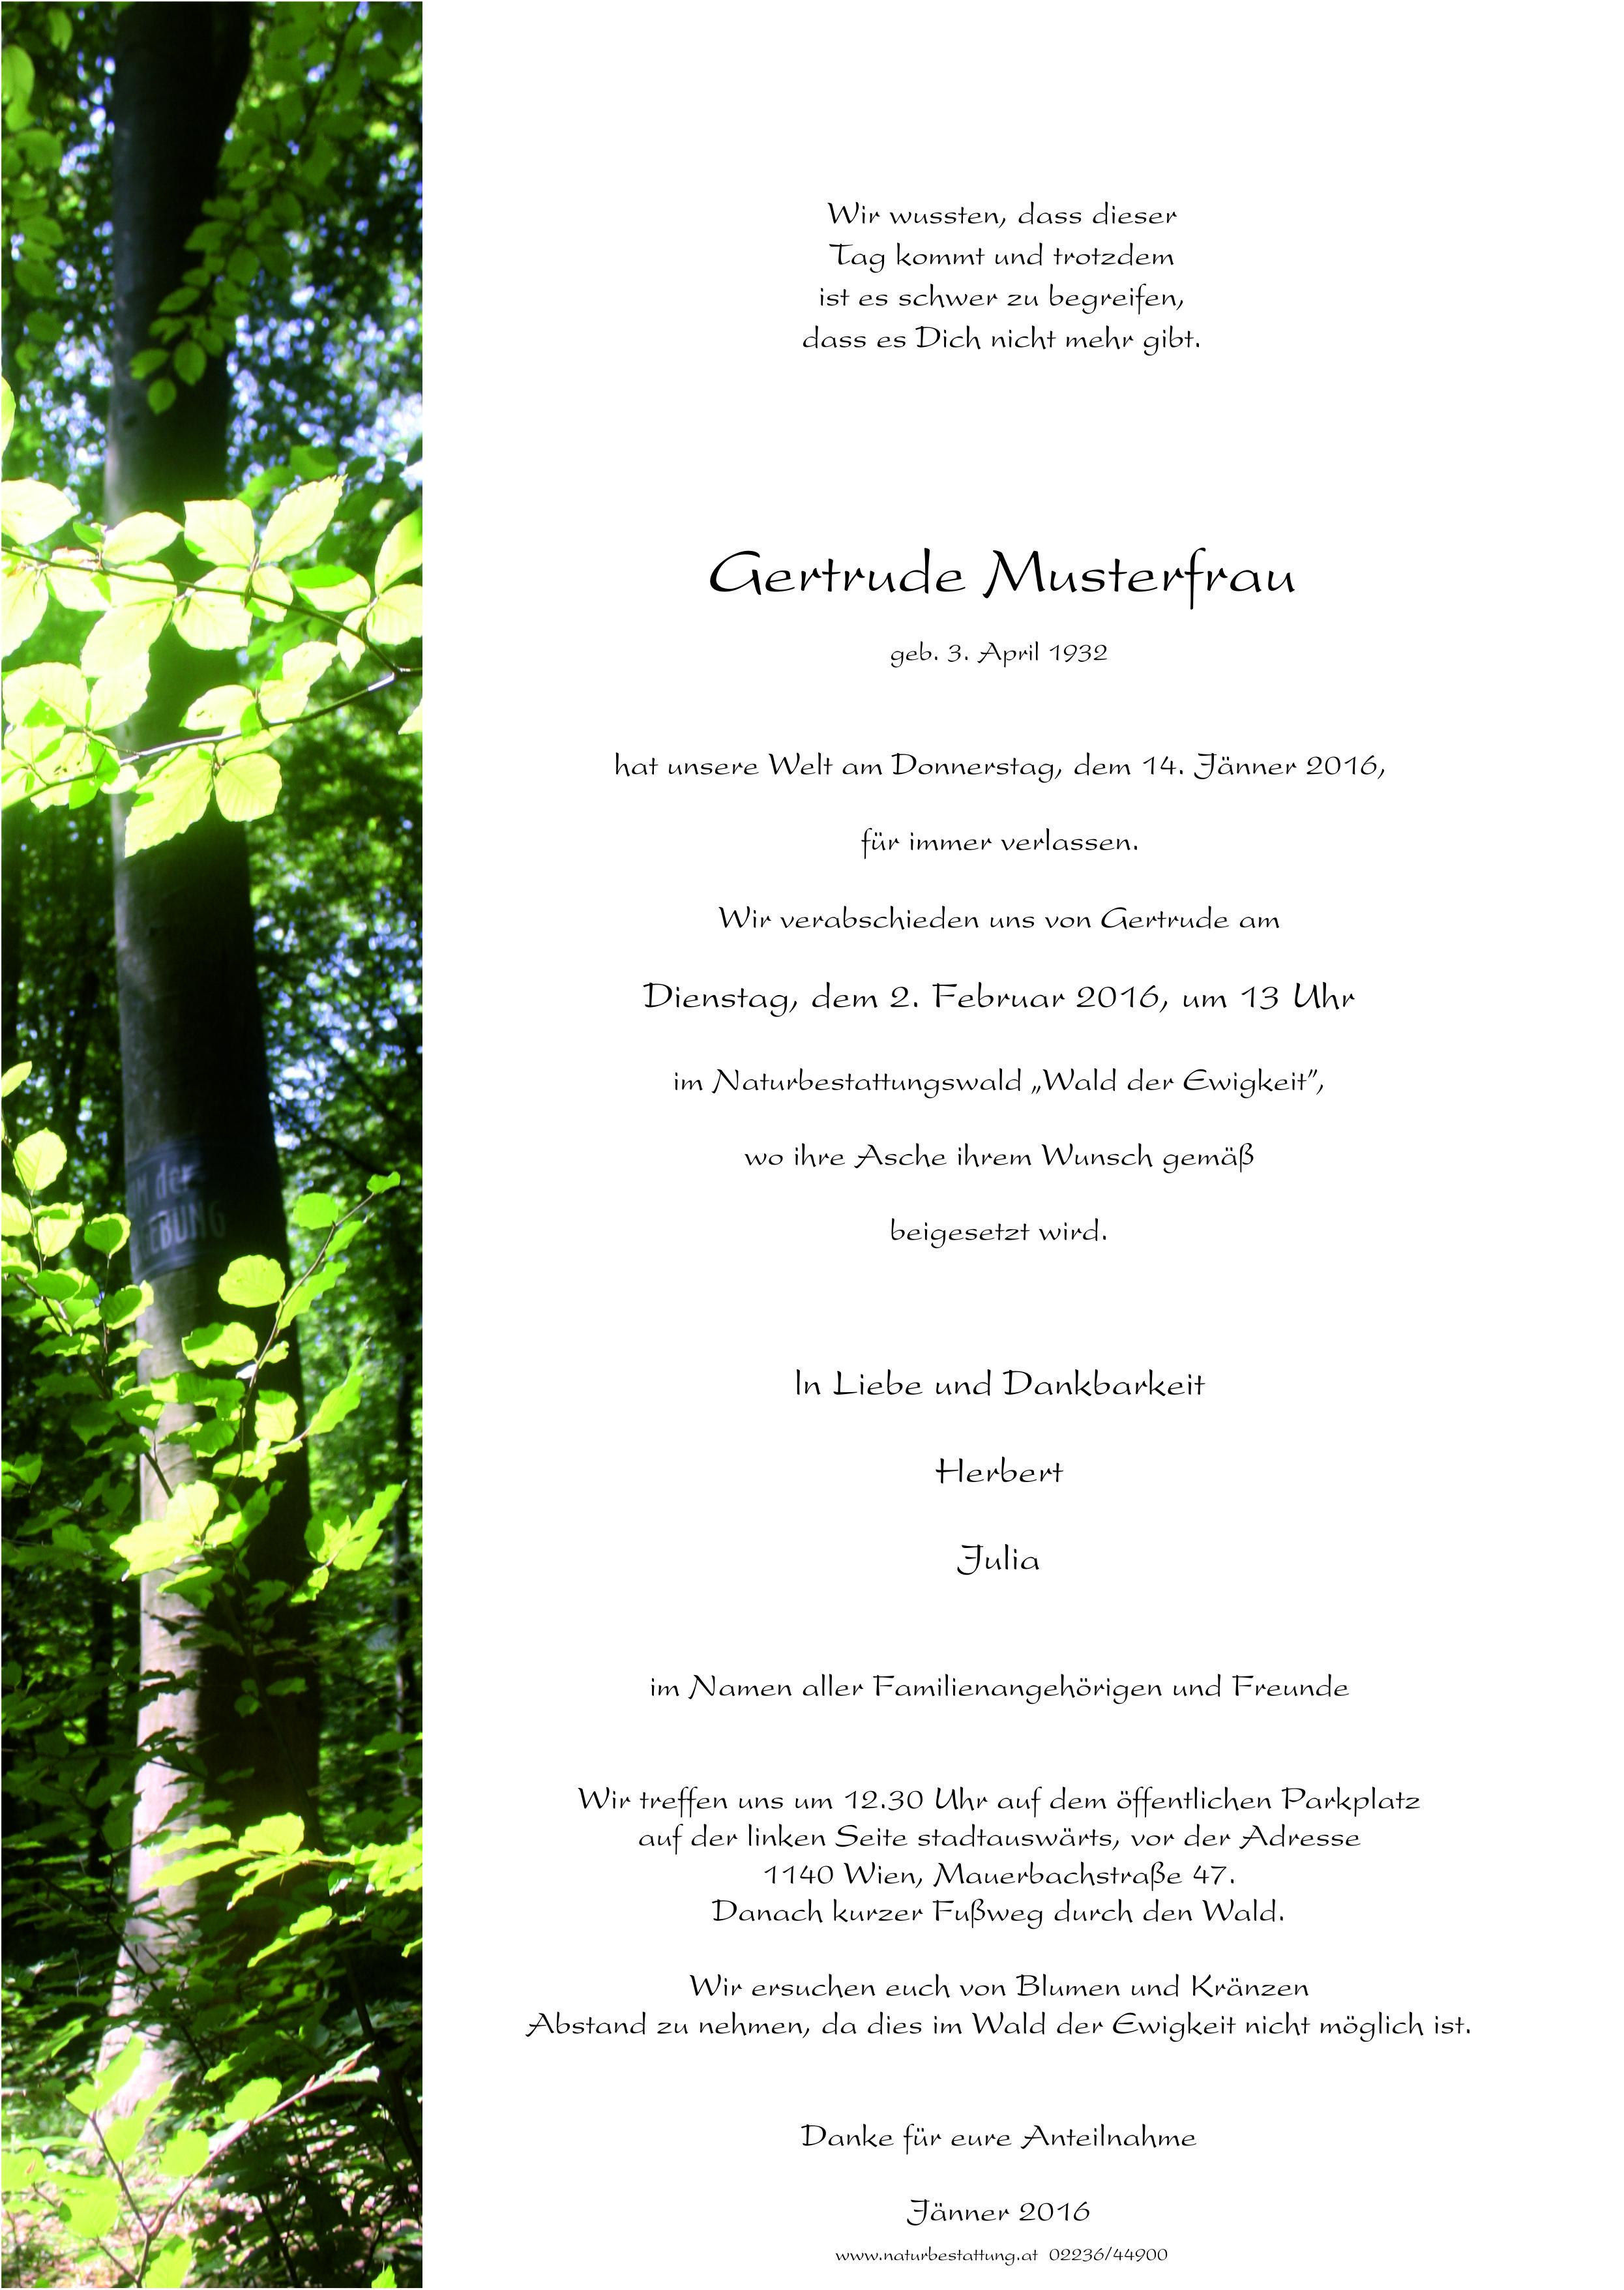 16 Parte Wald Muster_Wald der Ewigkeit Naturbestattung GmbH